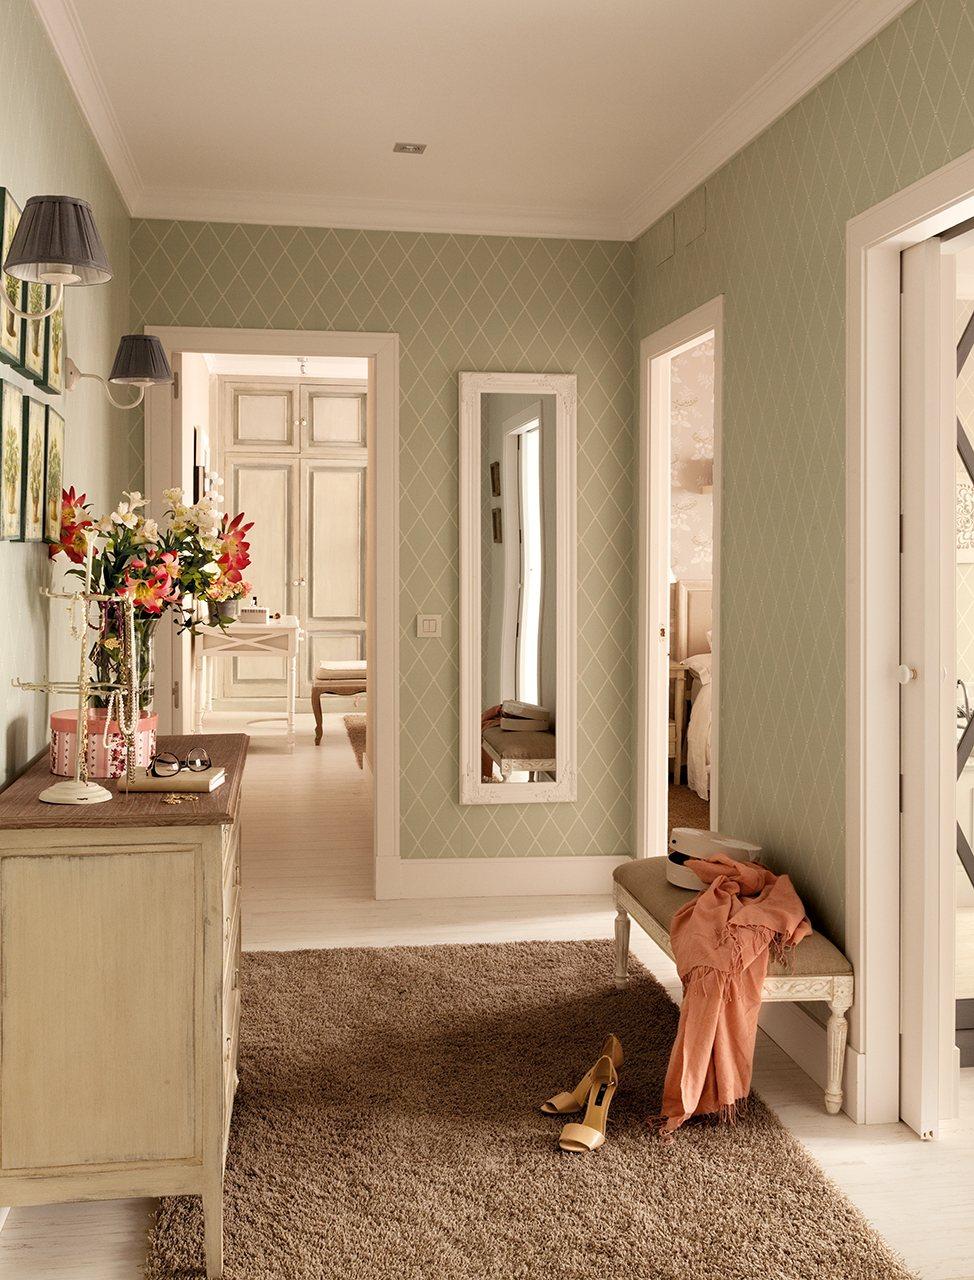 Casa de madrid reformada y decorada con papel pintado - Papel pintado para recibidores ...